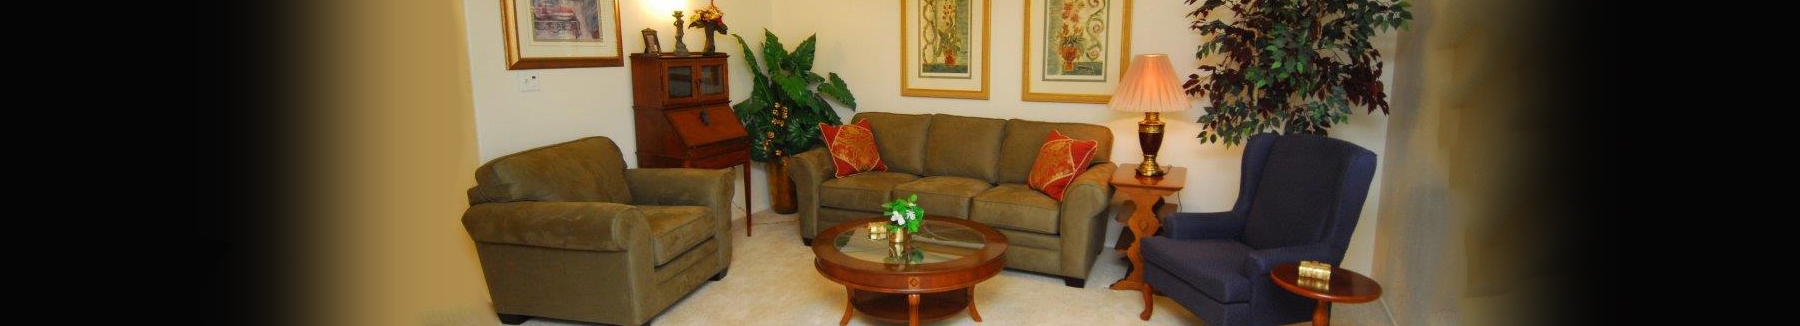 senior apartments Sun City AZ